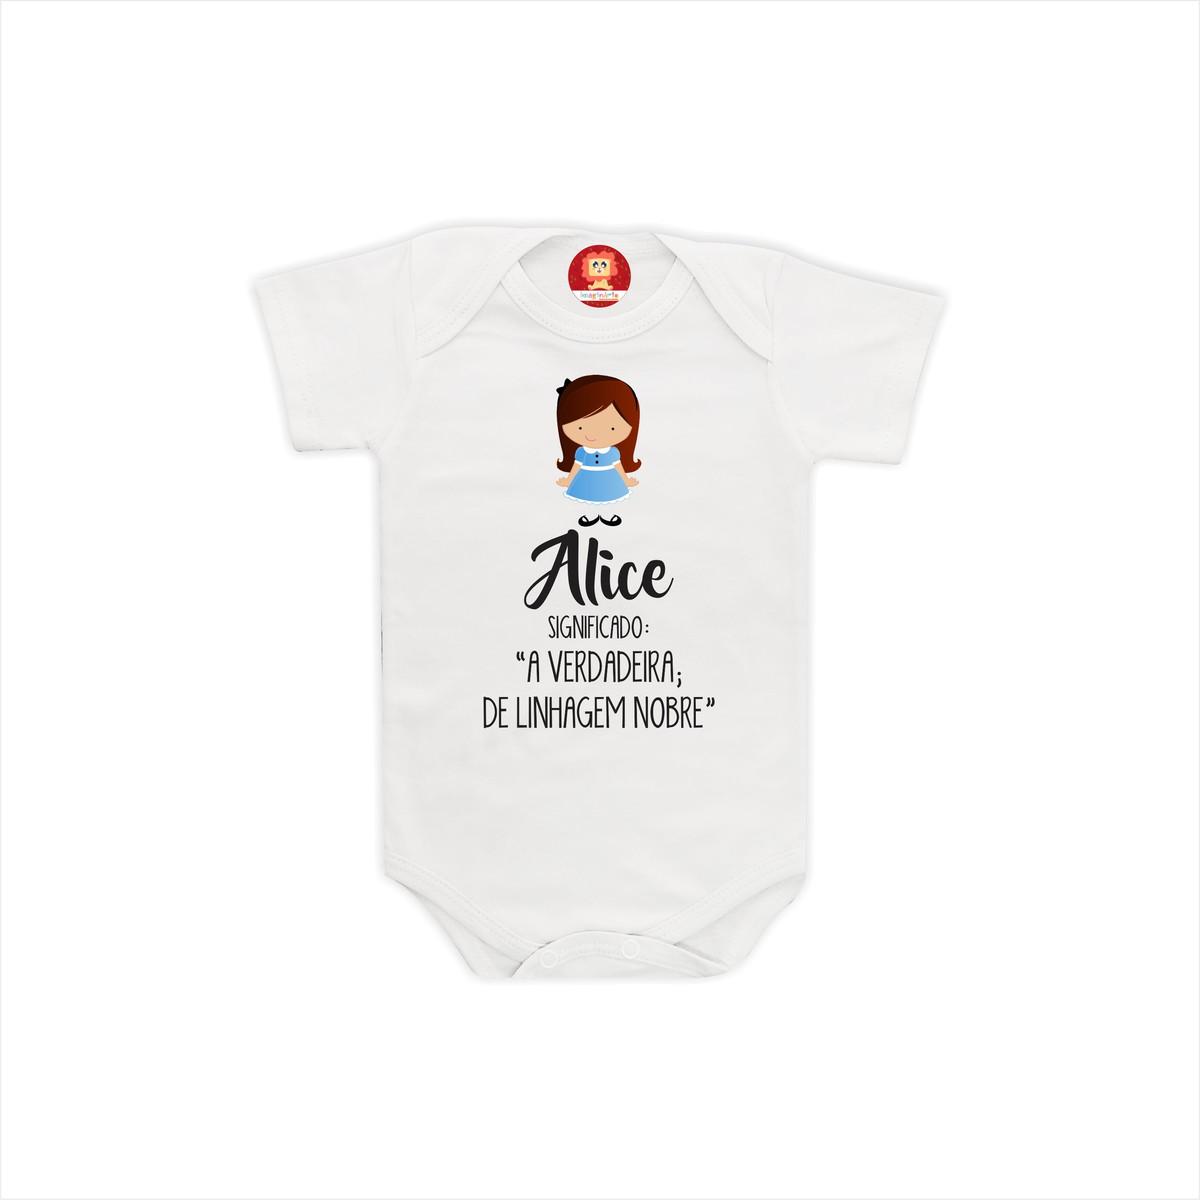 6eb222e20 Body ou Camiseta Personalizado Com Nome Alice no Elo7